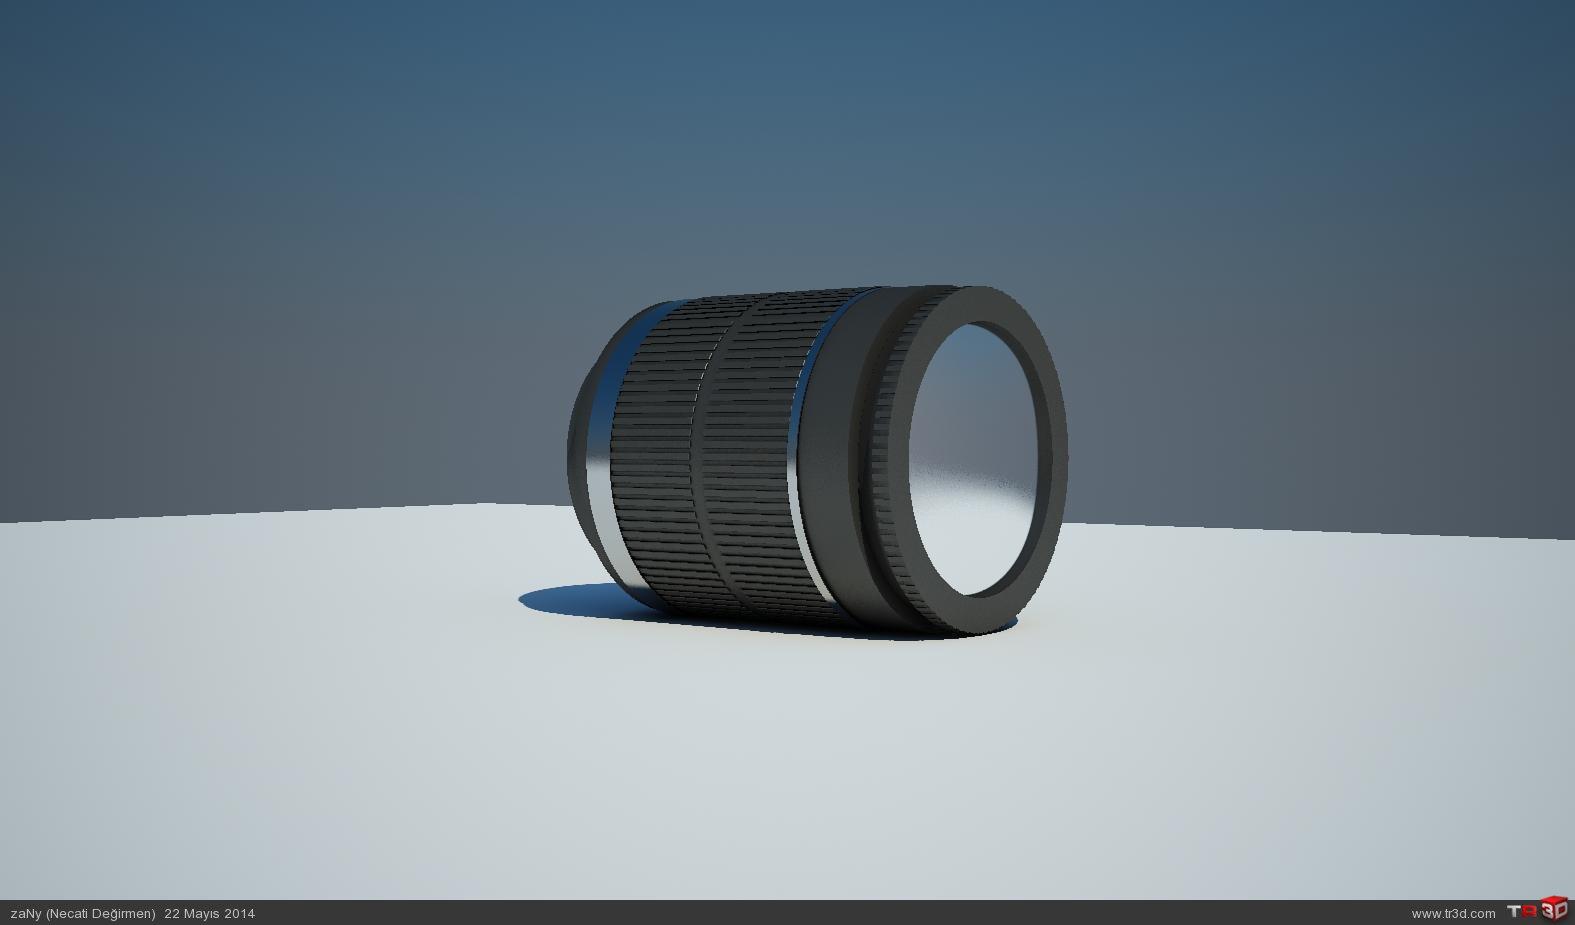 canon 18-135 lens 1